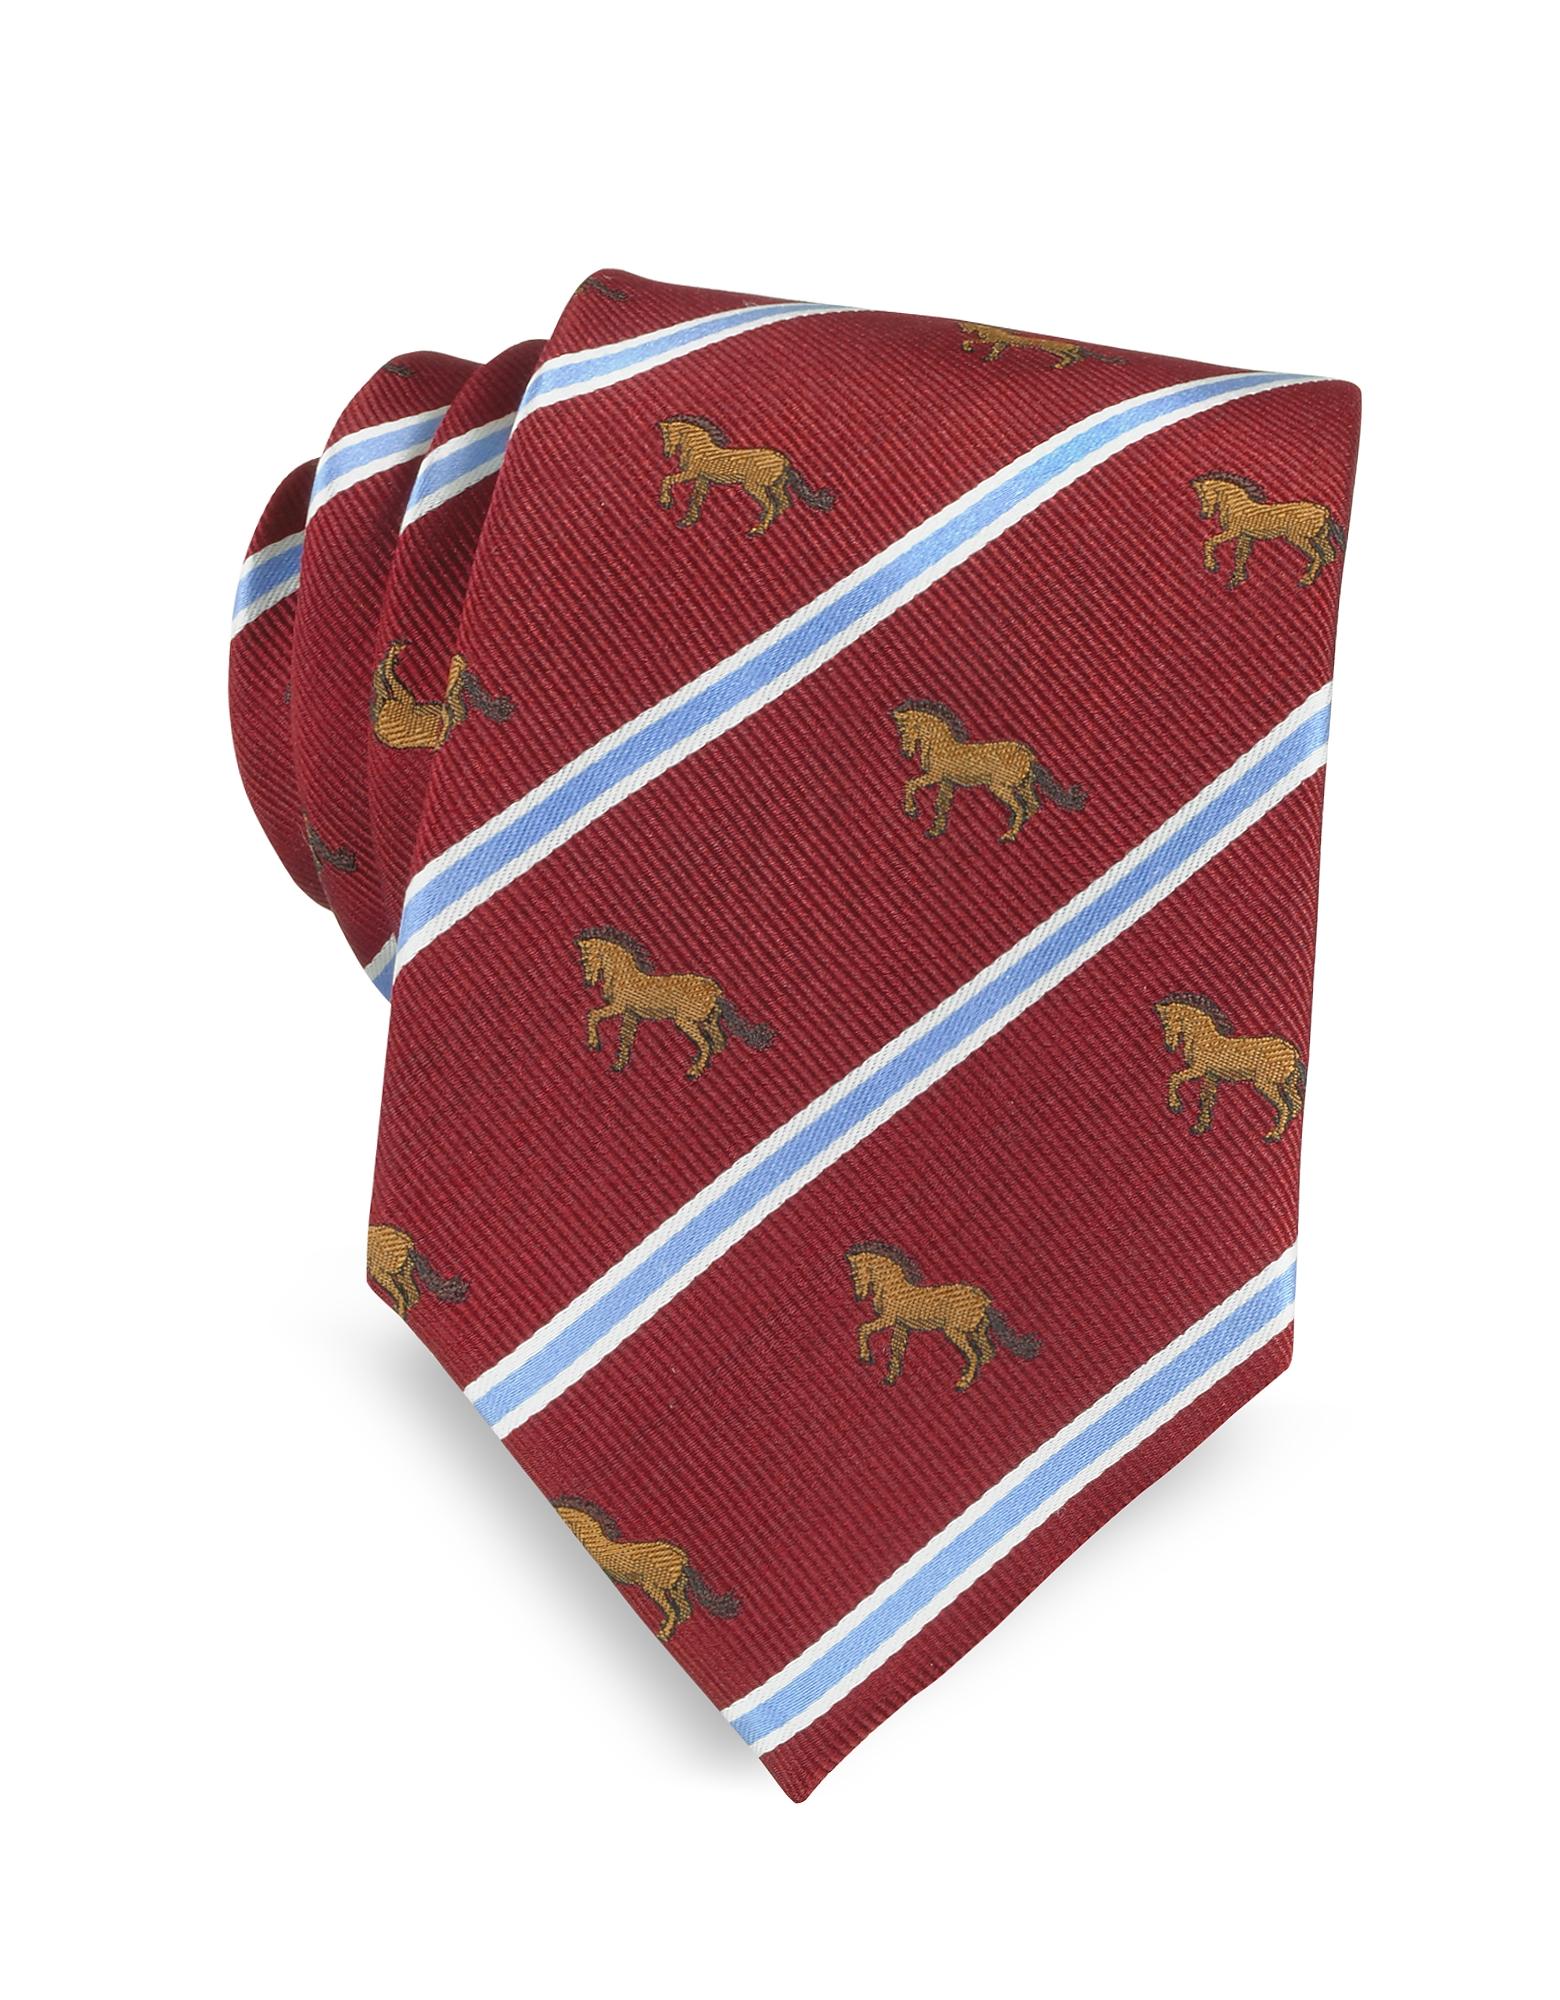 Marina D'Este Ties, Riding Horse Woven Silk Tie